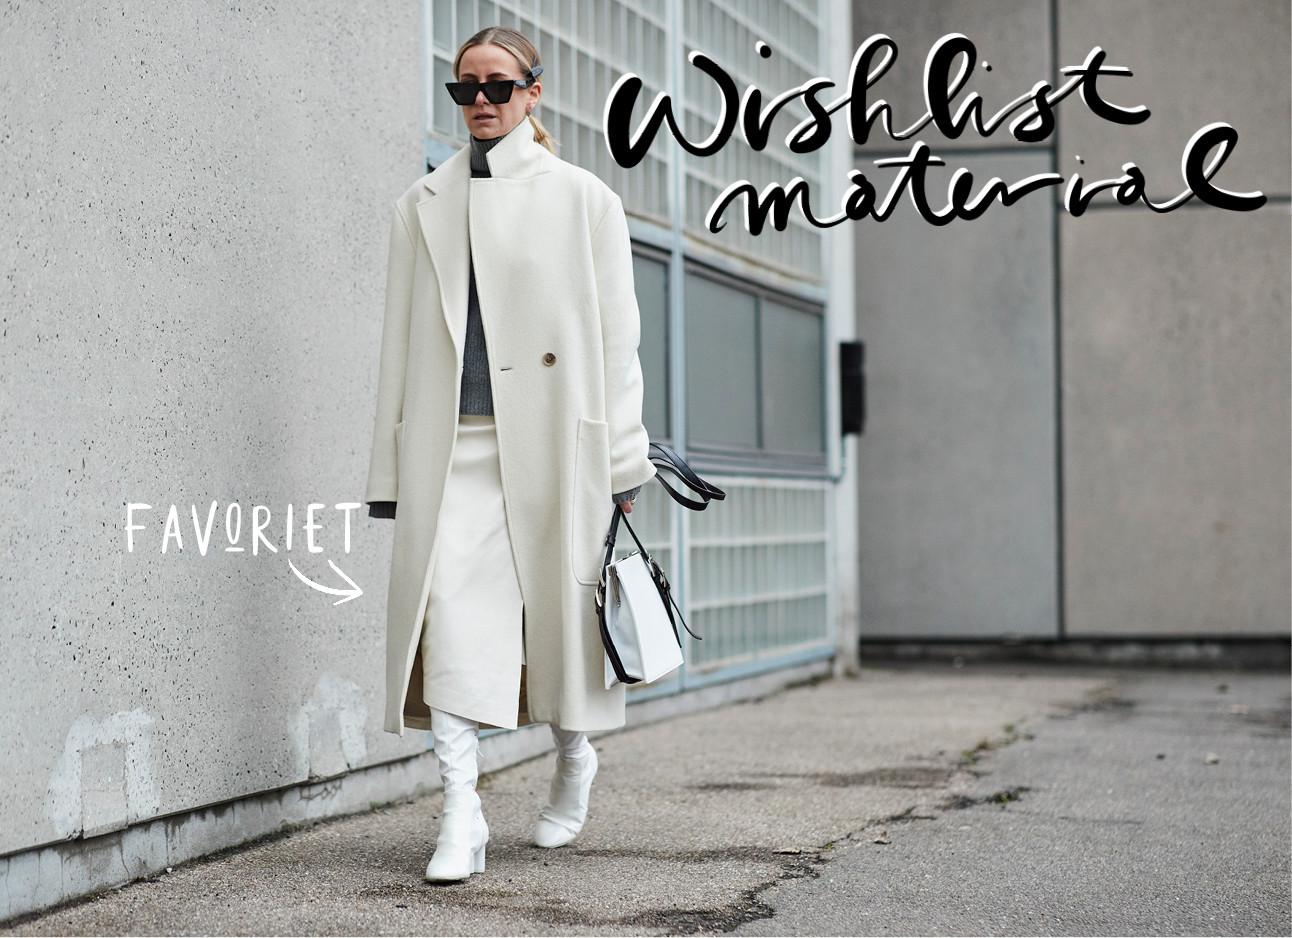 een mevrouw in een witte jas voor een grijze muur